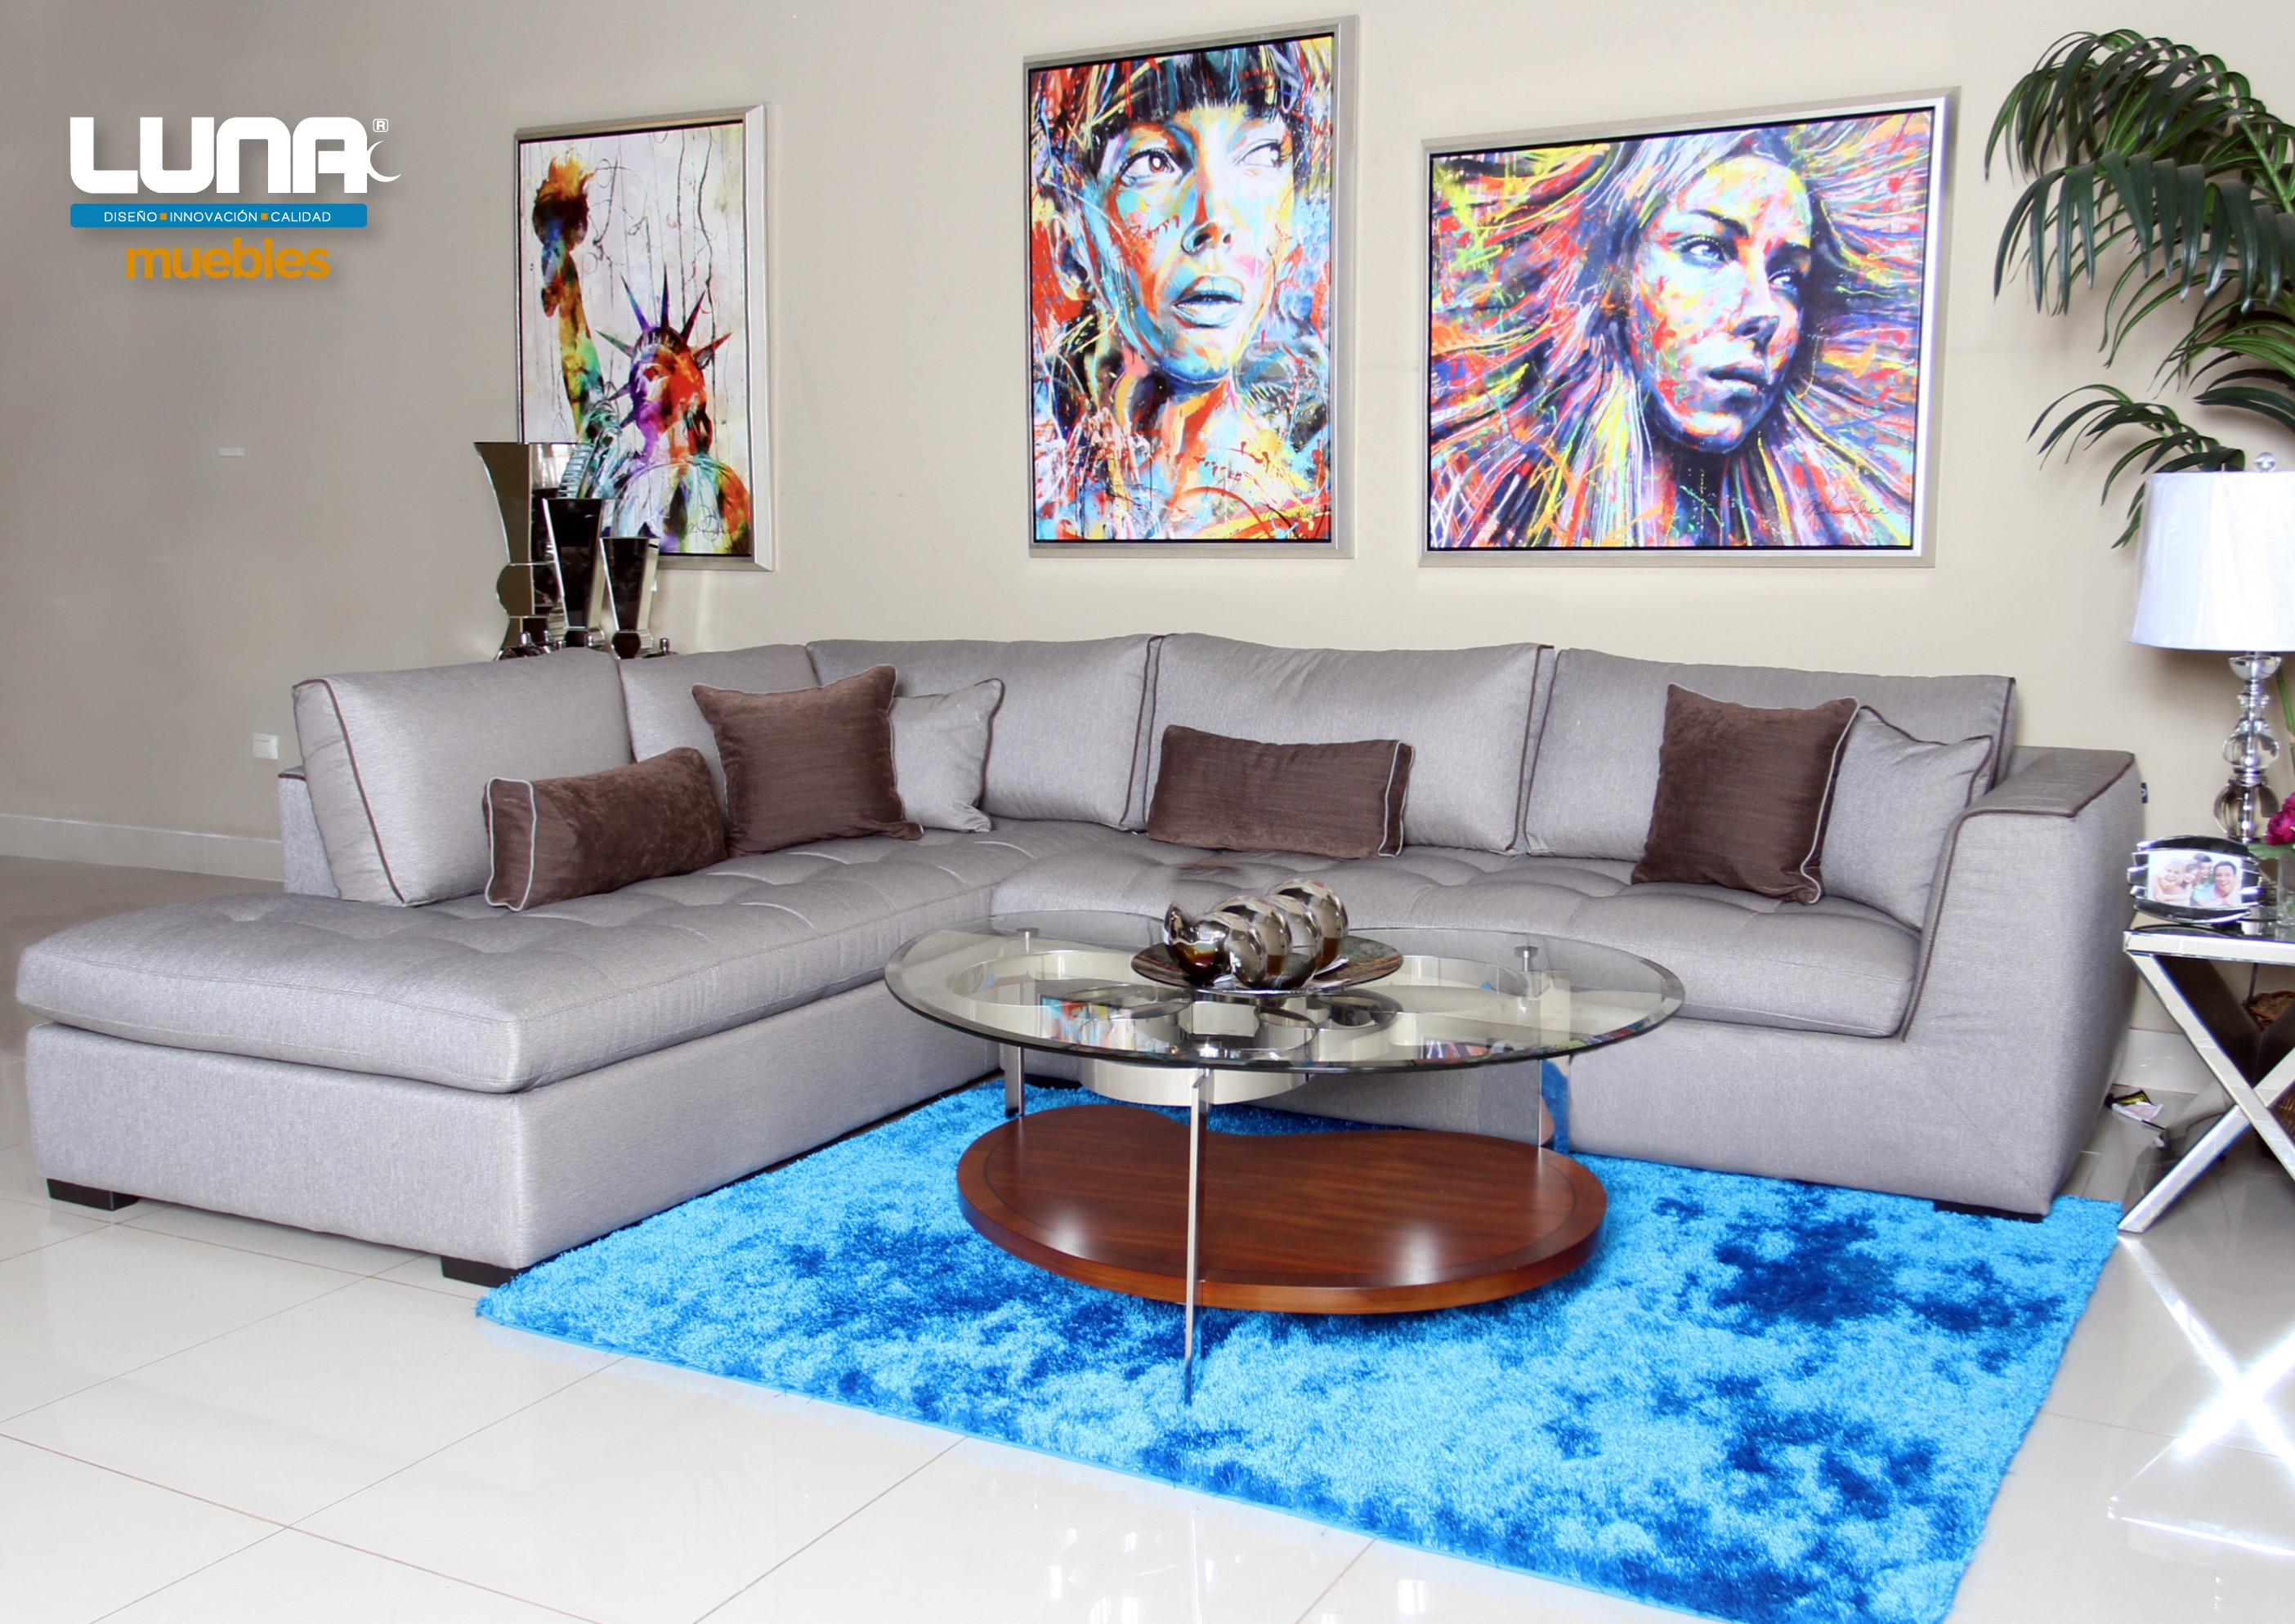 Luna Muebles Muebles Para El Hogar Salas # Muebles Luna Cd Obregon Sonora